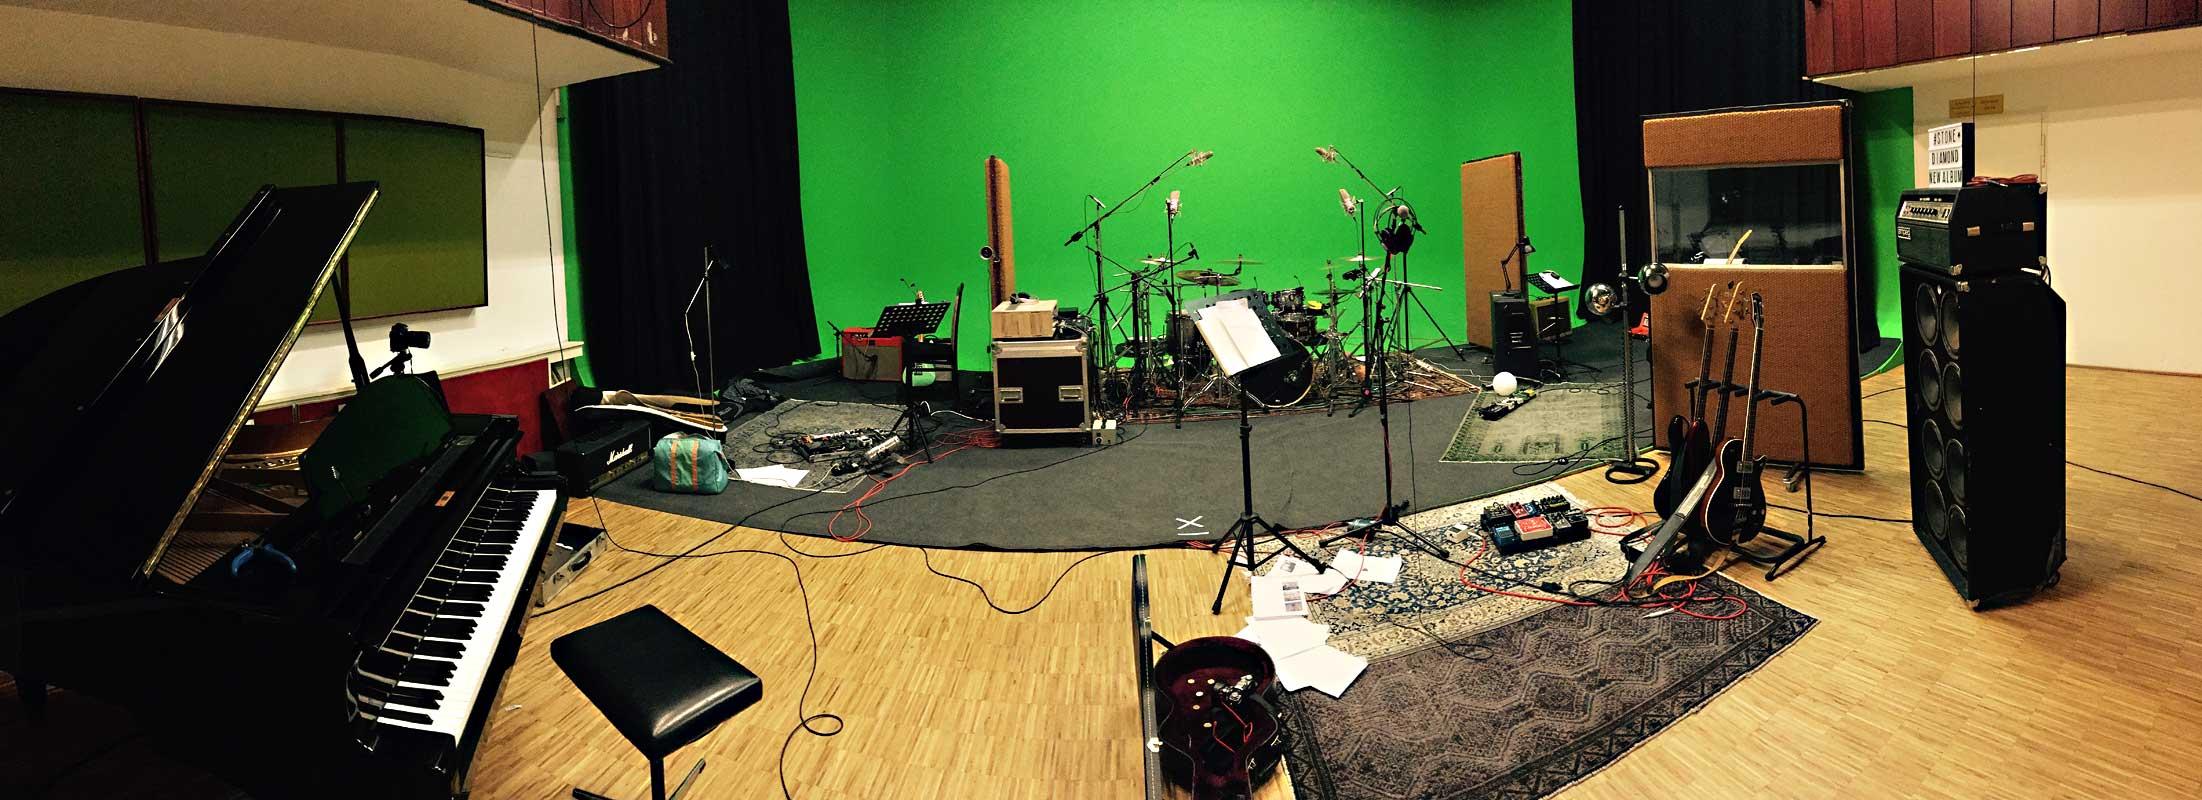 Studio-Pano